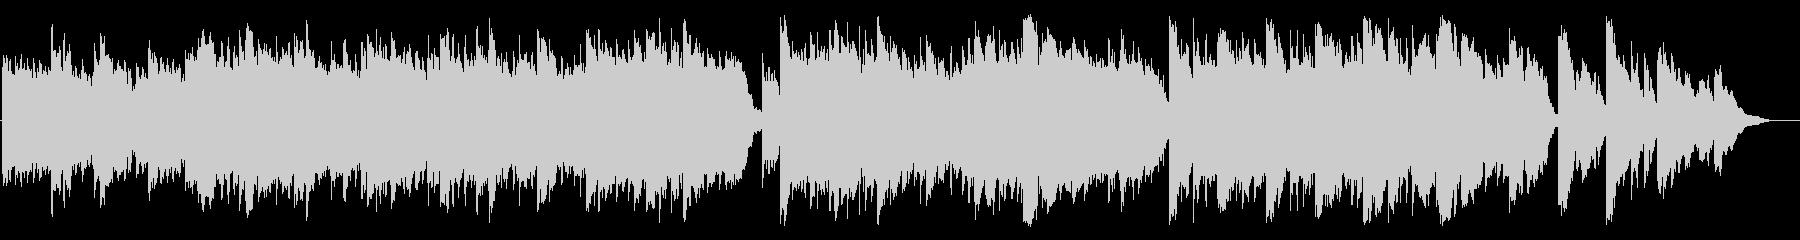 メルヘンで暖かみのあるオルゴールの曲の未再生の波形